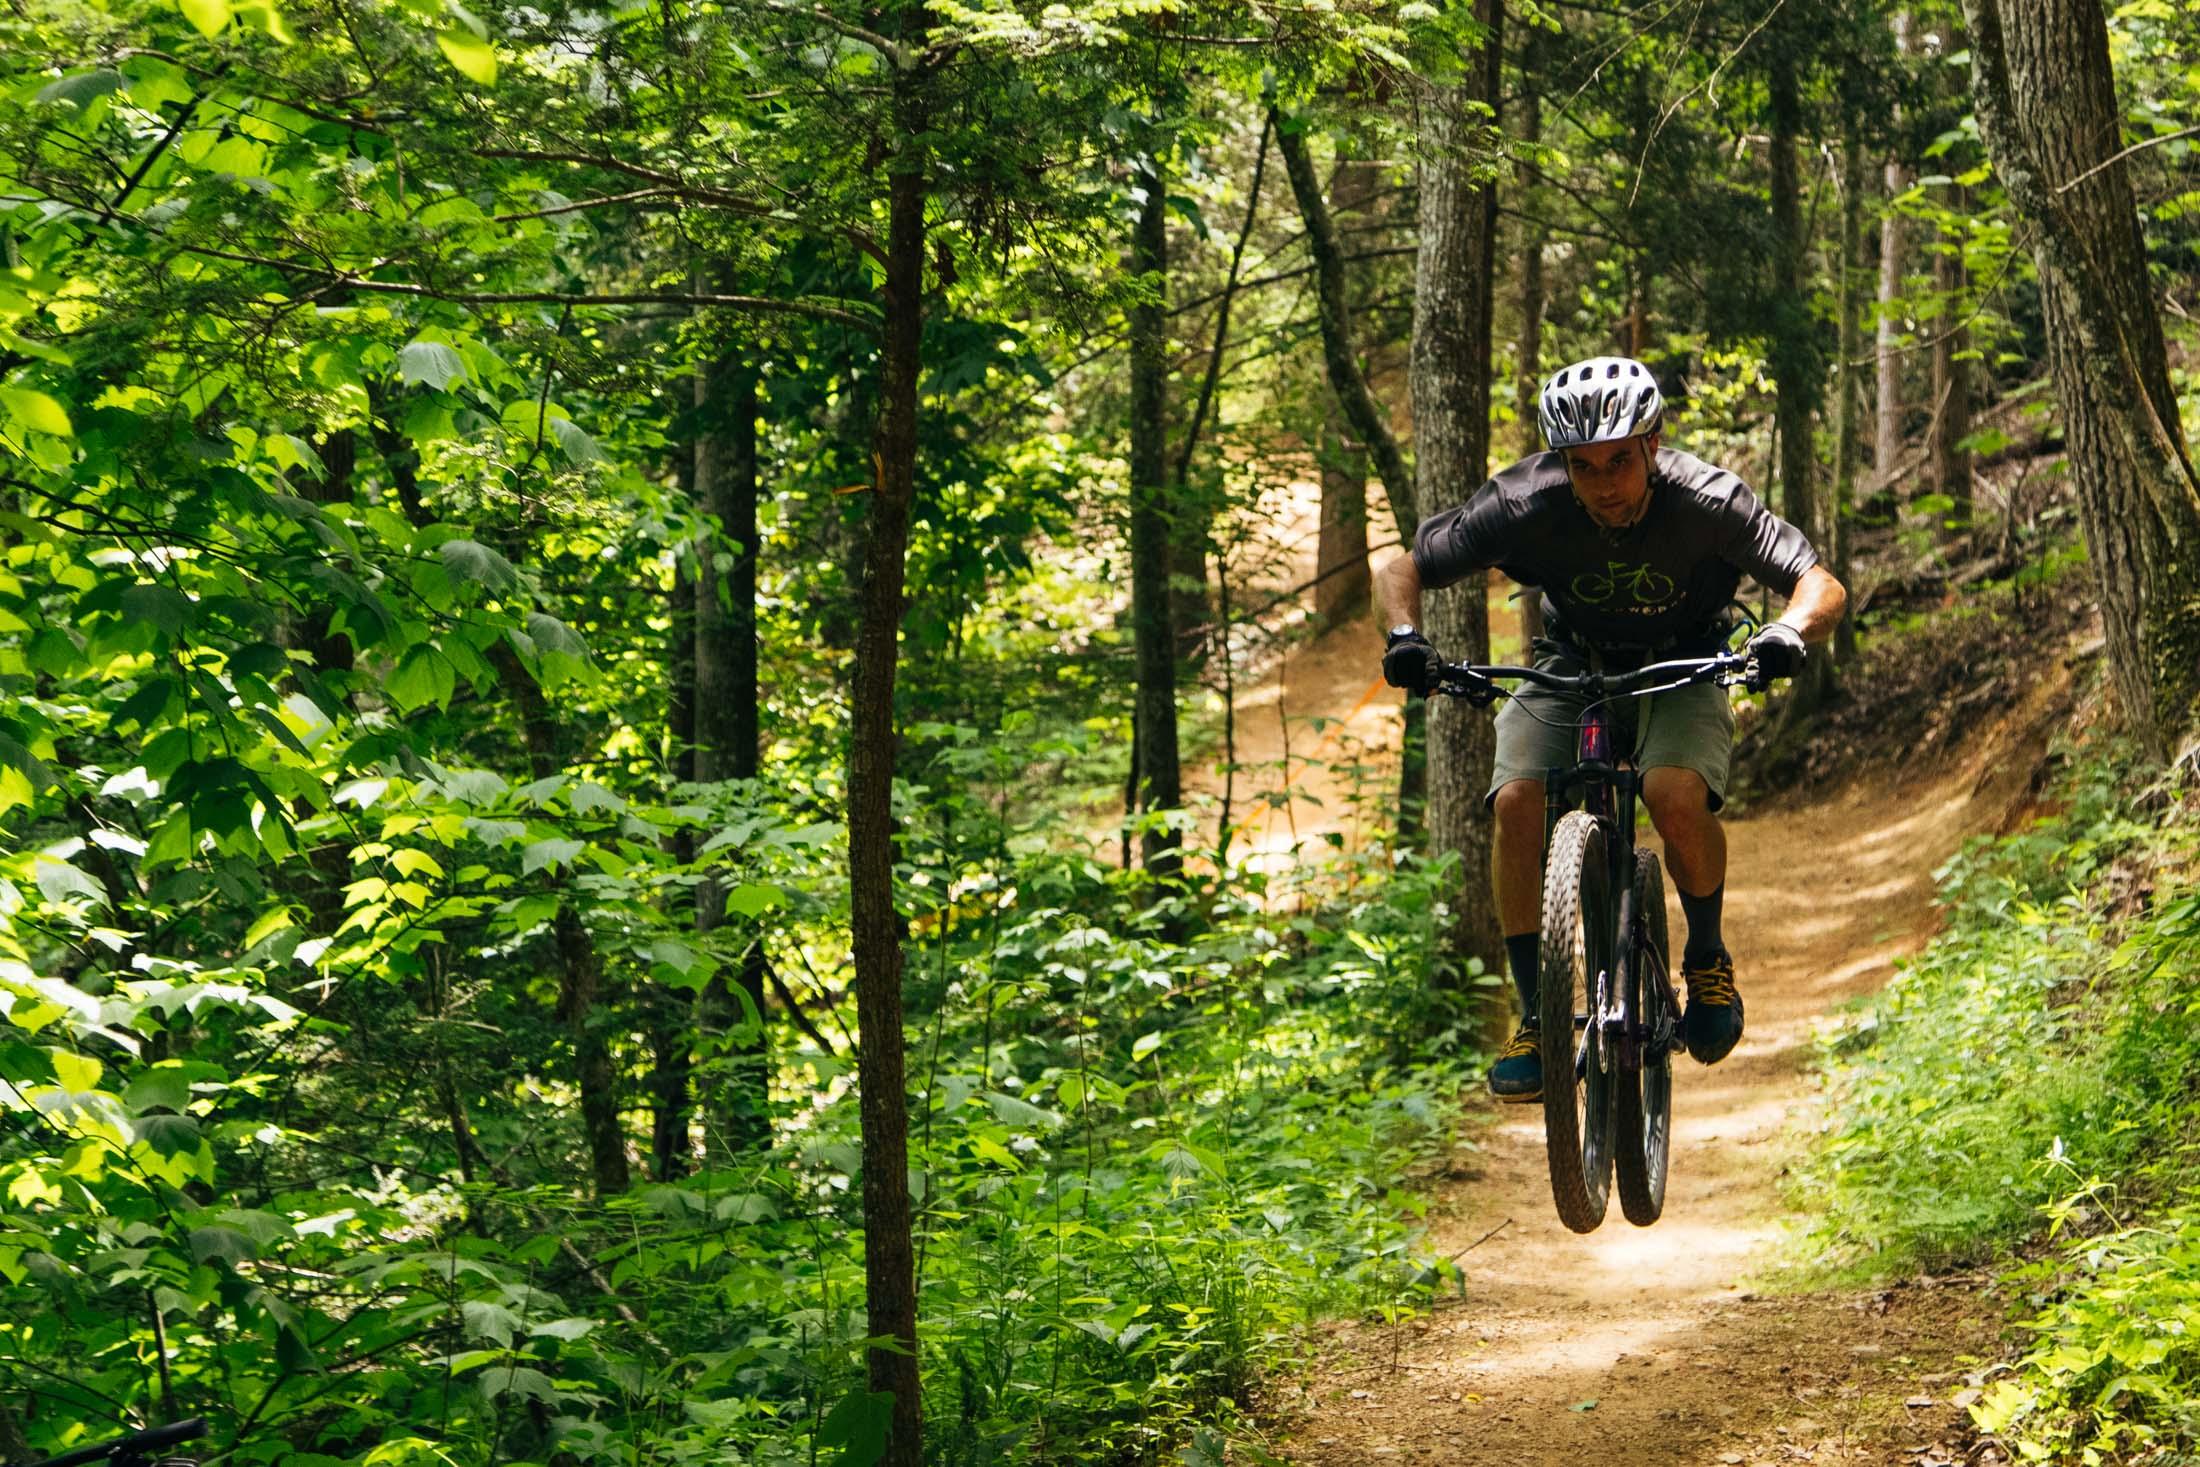 Climb Works Mountain Biking In The Smoky Mountains